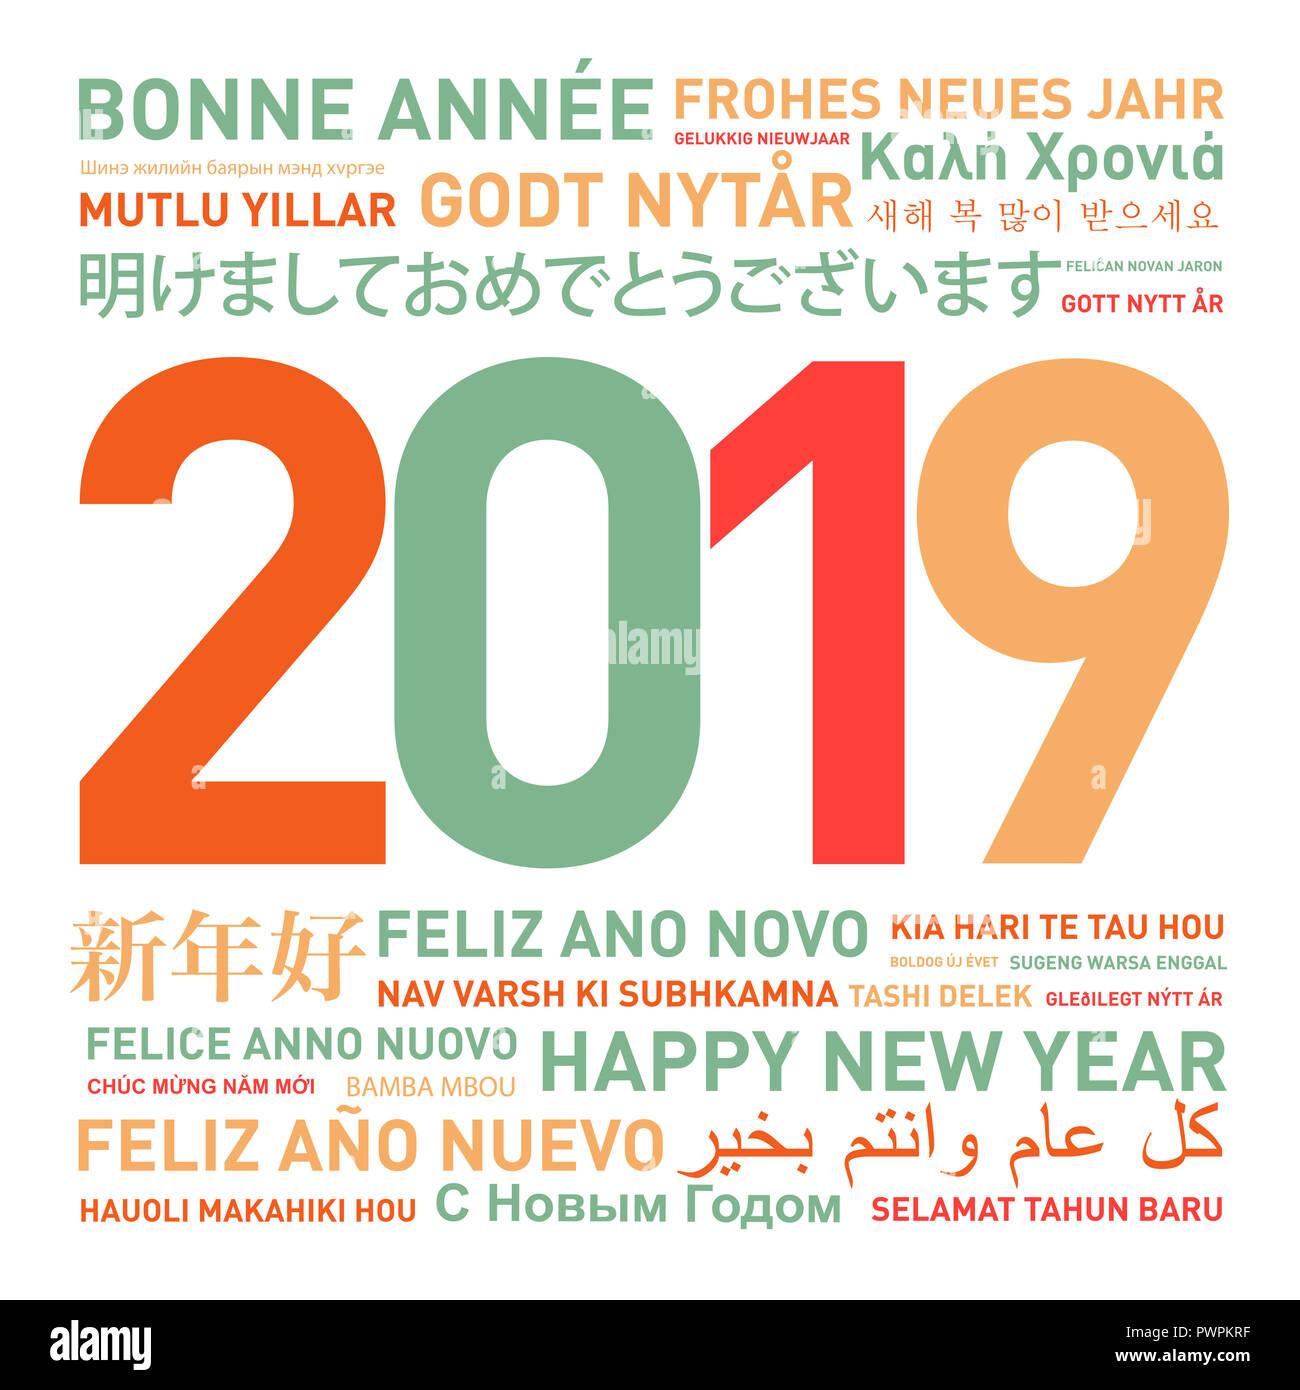 Frohe Weihnachten Und Ein Glückliches Neues Jahr In Allen Sprachen.2019 Frohes Neues Jahr Stockfotos 2019 Frohes Neues Jahr Bilder